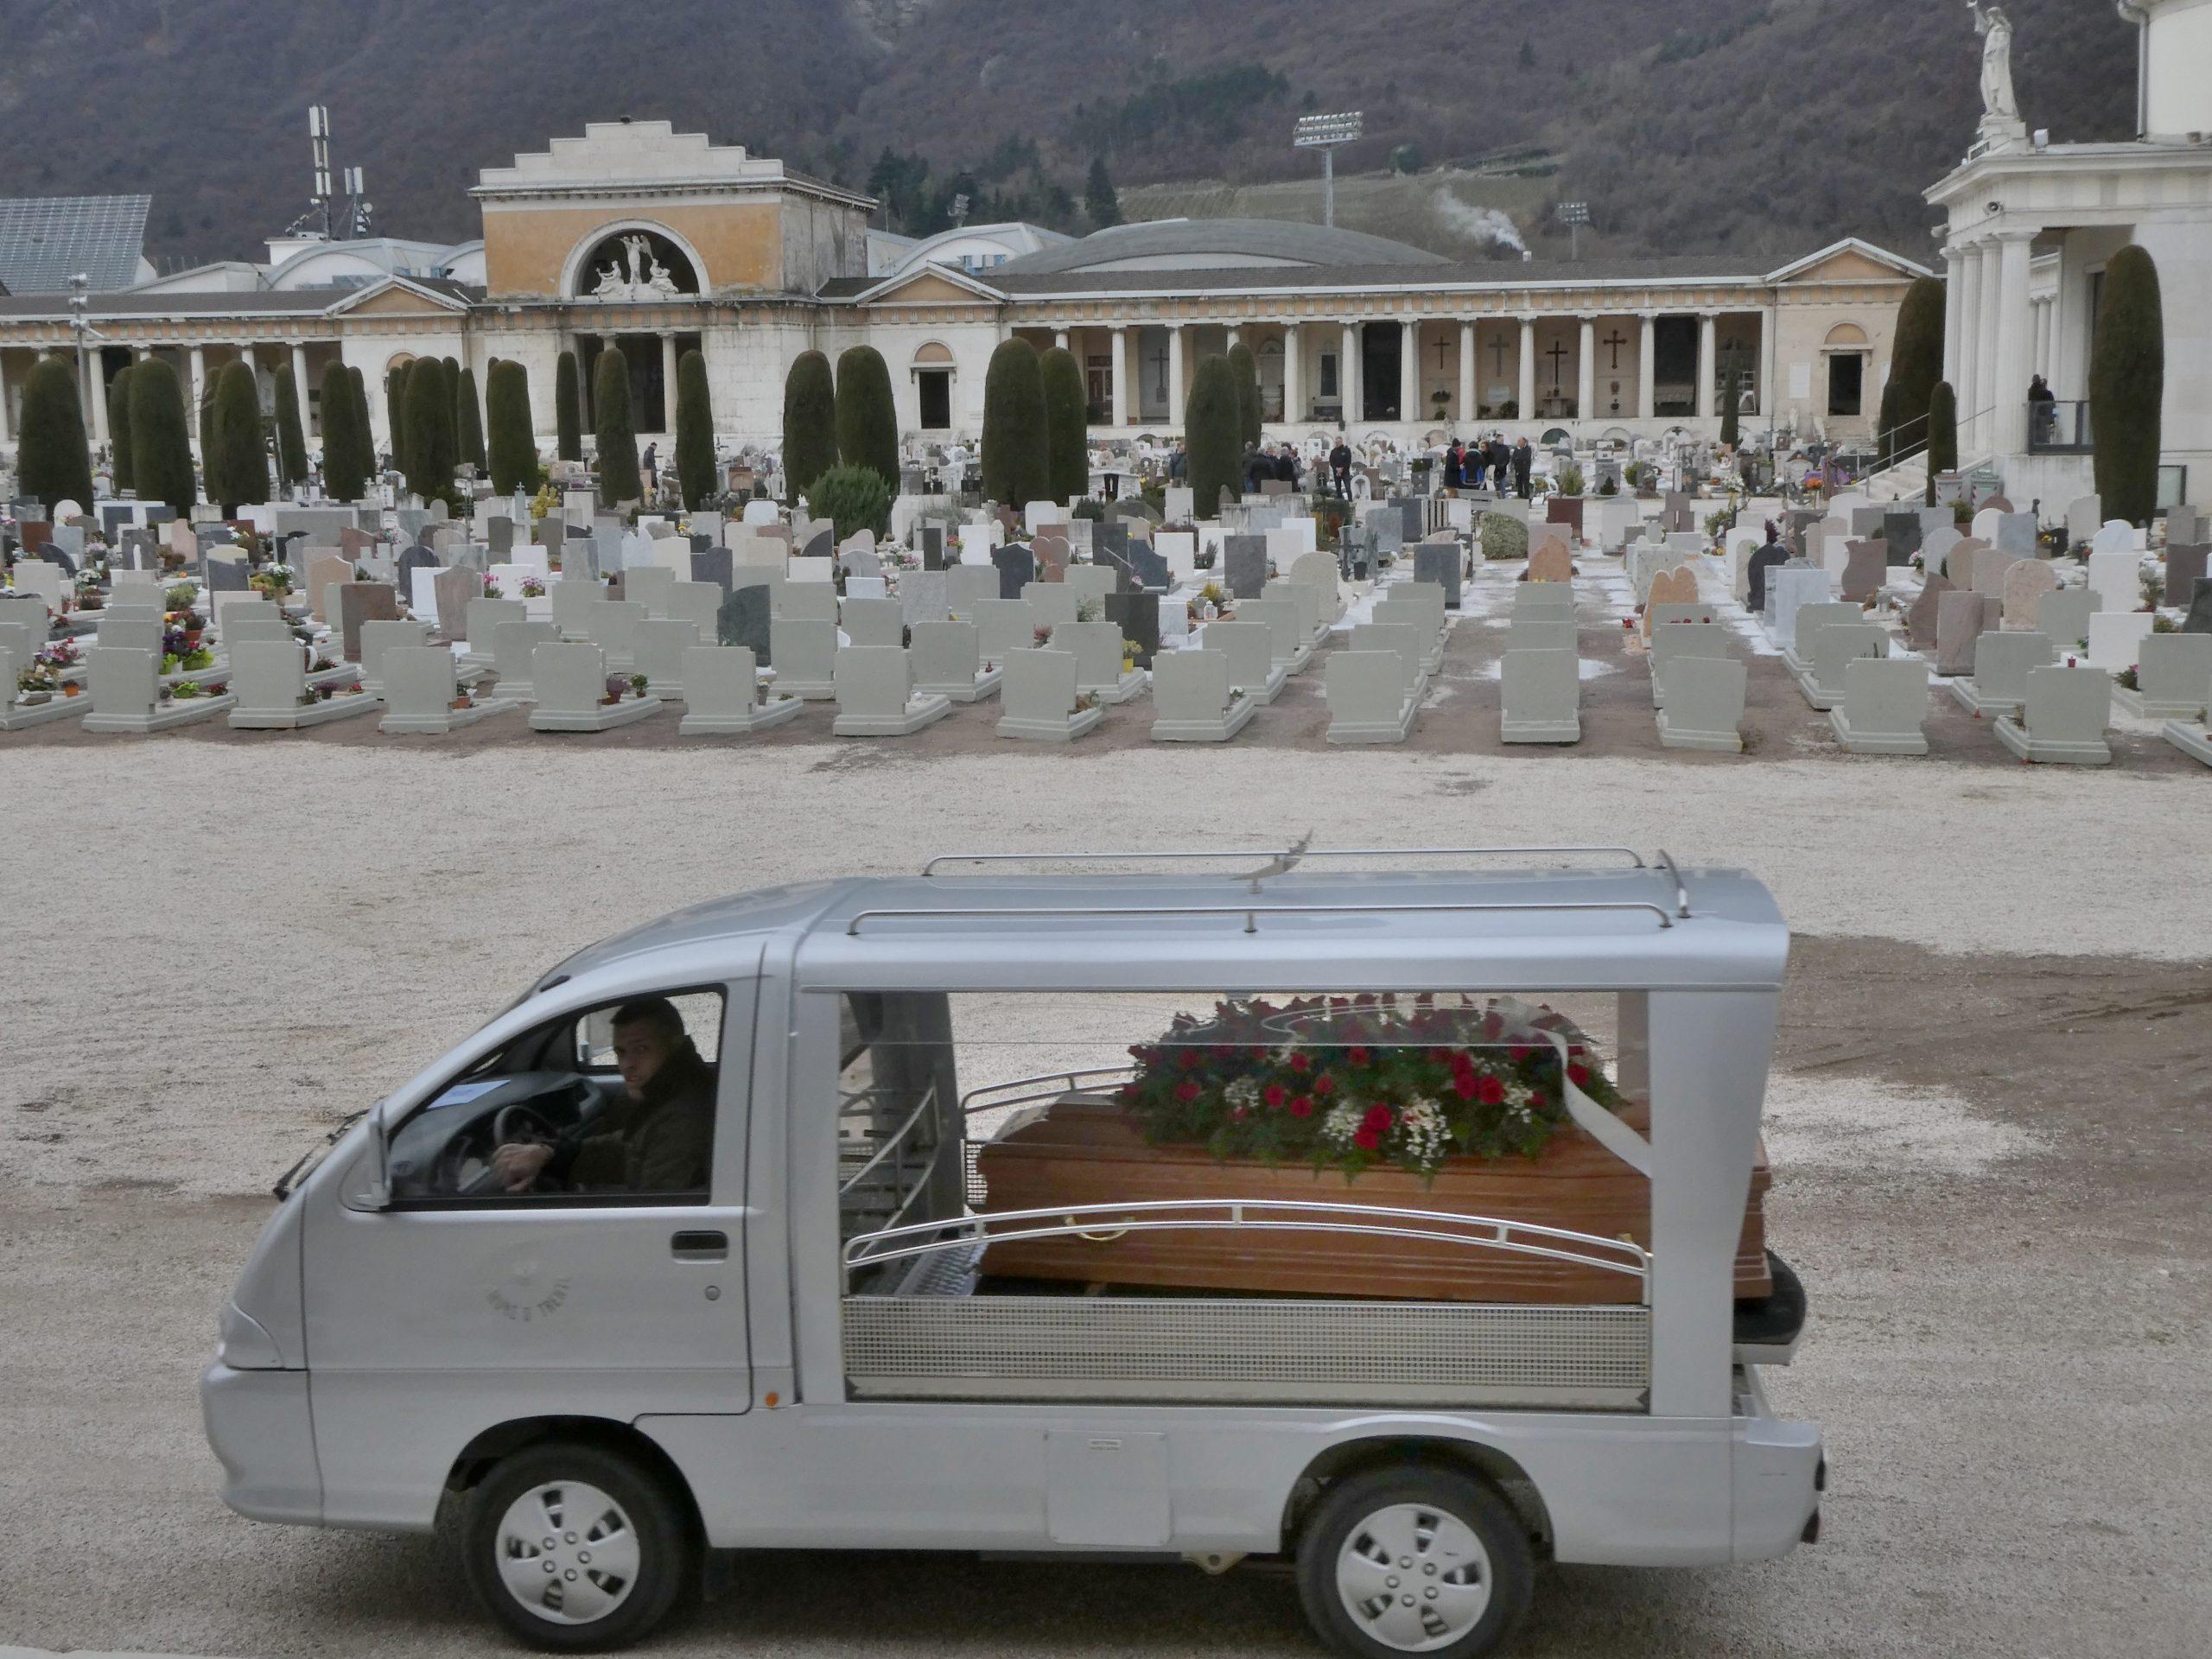 Carro funebre senza corteo